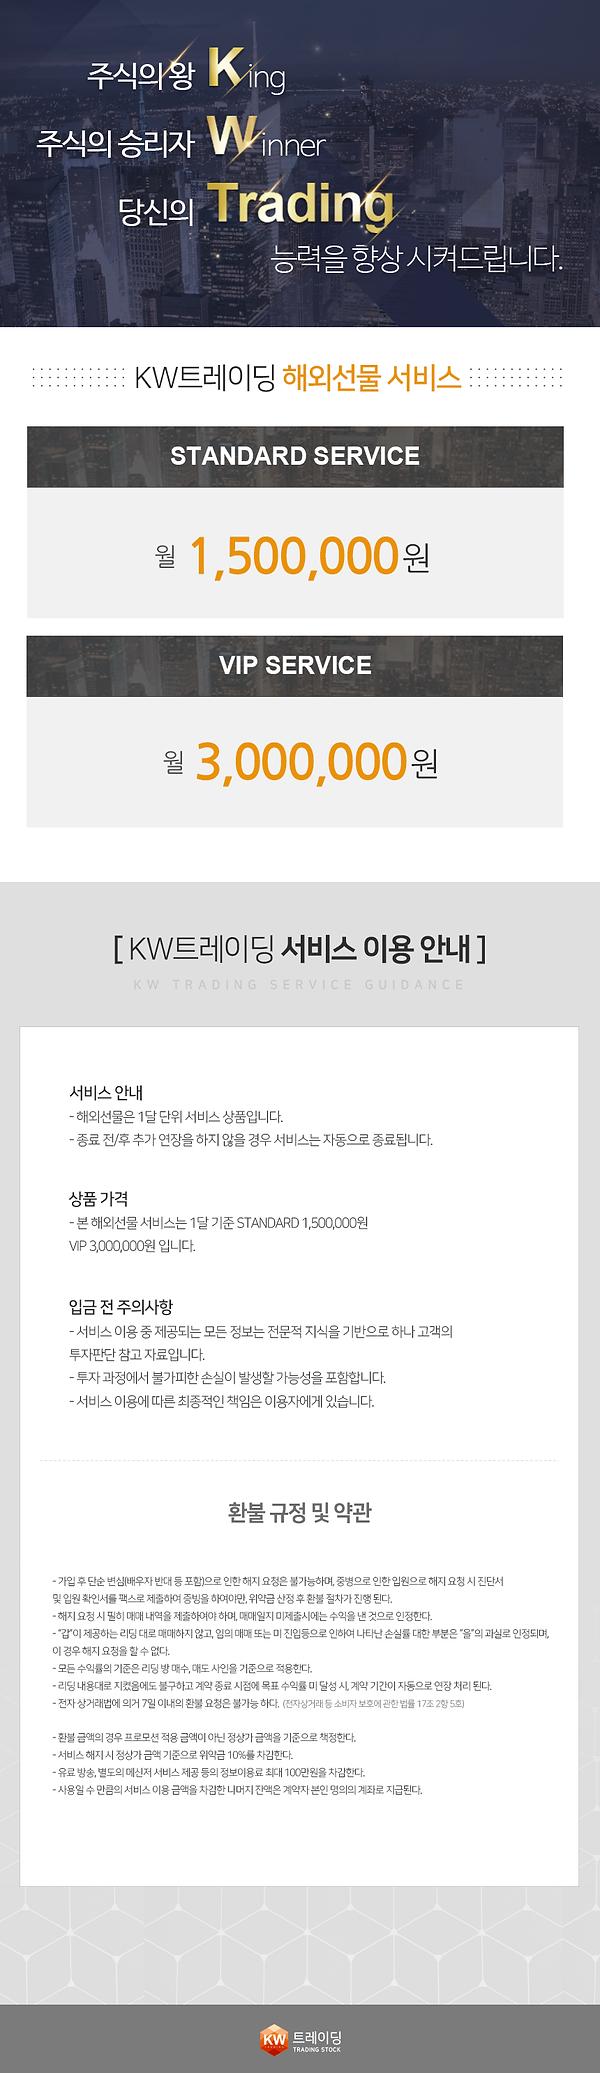 해외선물 요금 정책m(20191022 수정).png